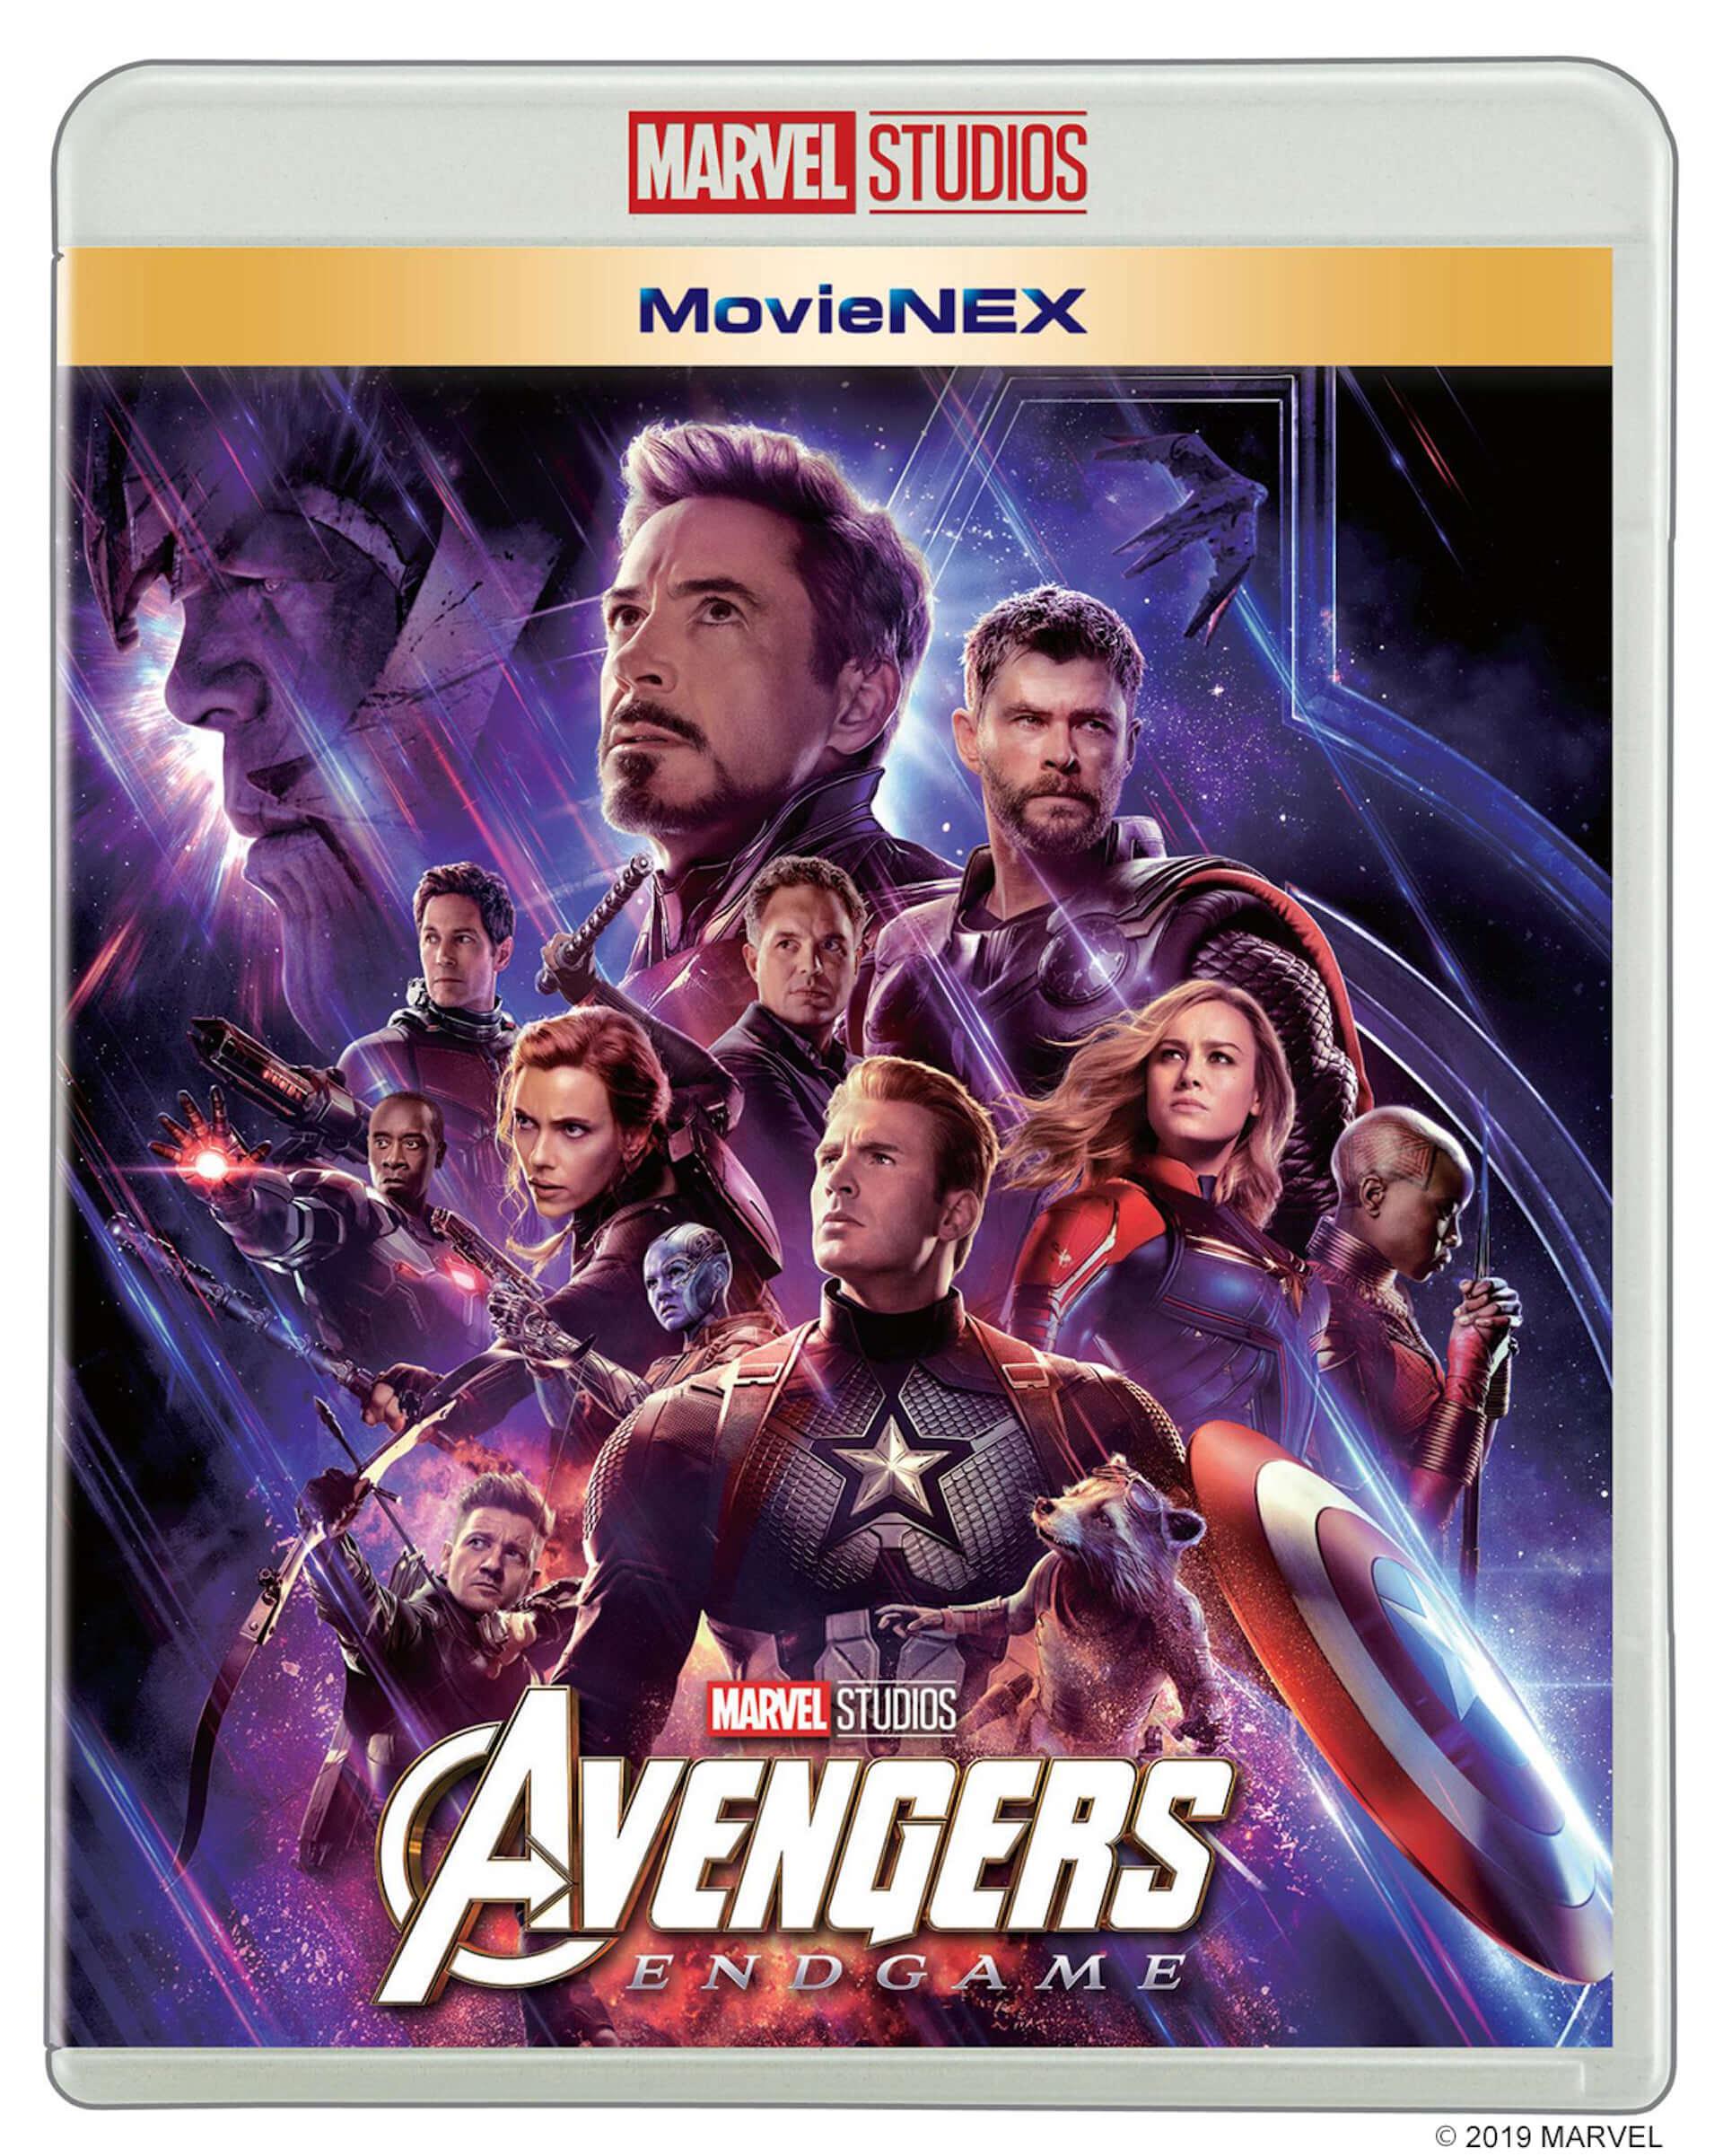 ロバート・ダウニー Jr.やクリス・エヴァンスらが語る『アベンジャーズ/エンドゲーム』の魅力とは?特別映像&ボーナス映像解禁 film190902_avengers_endgame_3-1920x2402